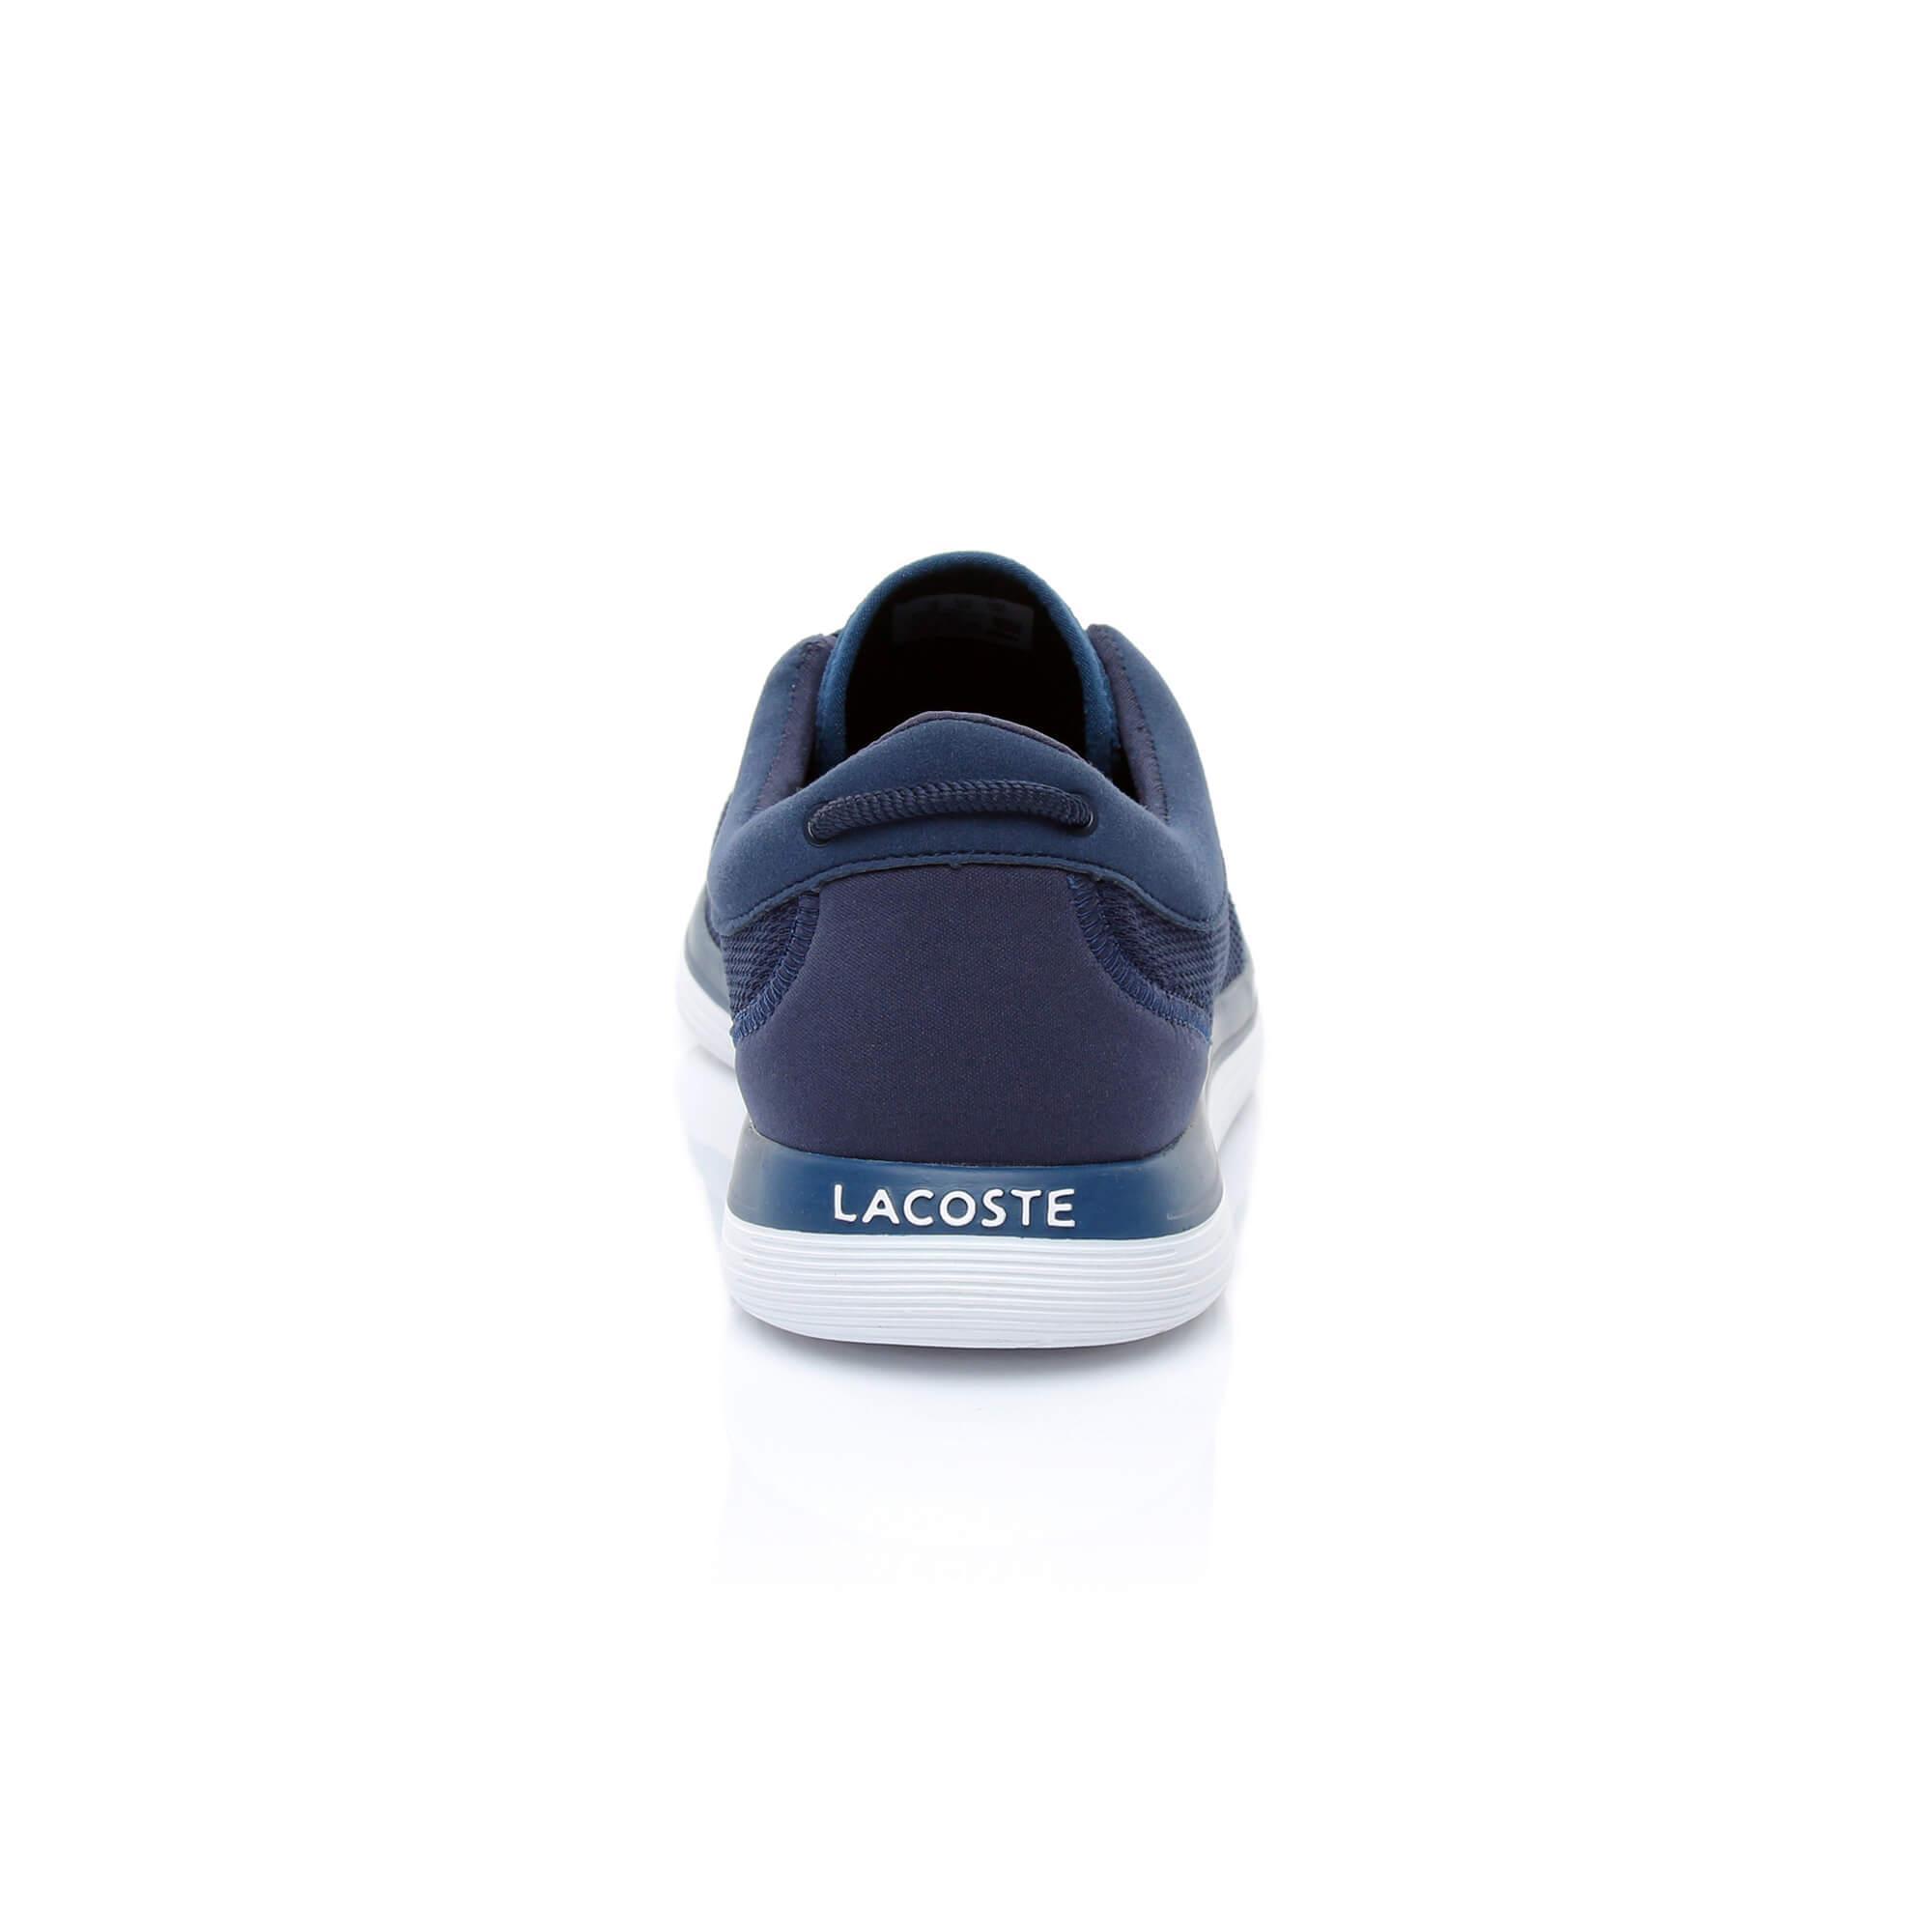 Lacoste Arvieu Erkek Sneaker